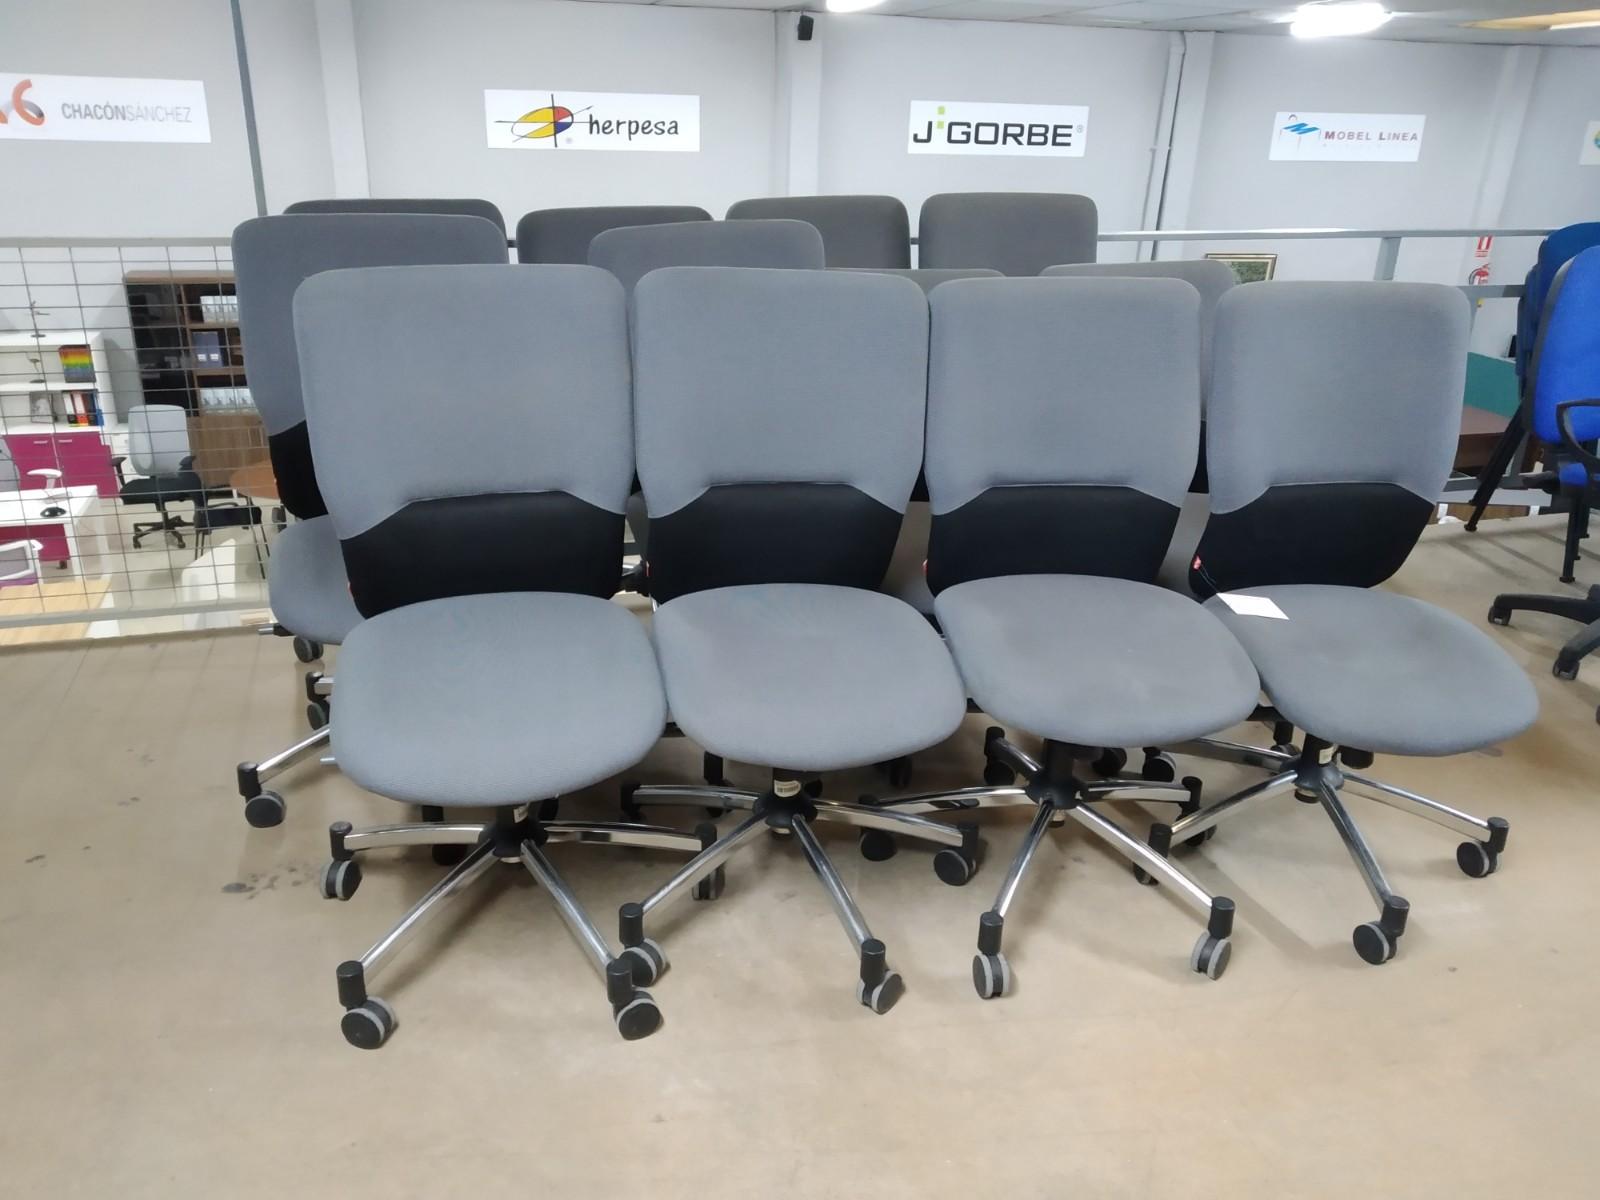 sillas de oficinas segunda mano marbella